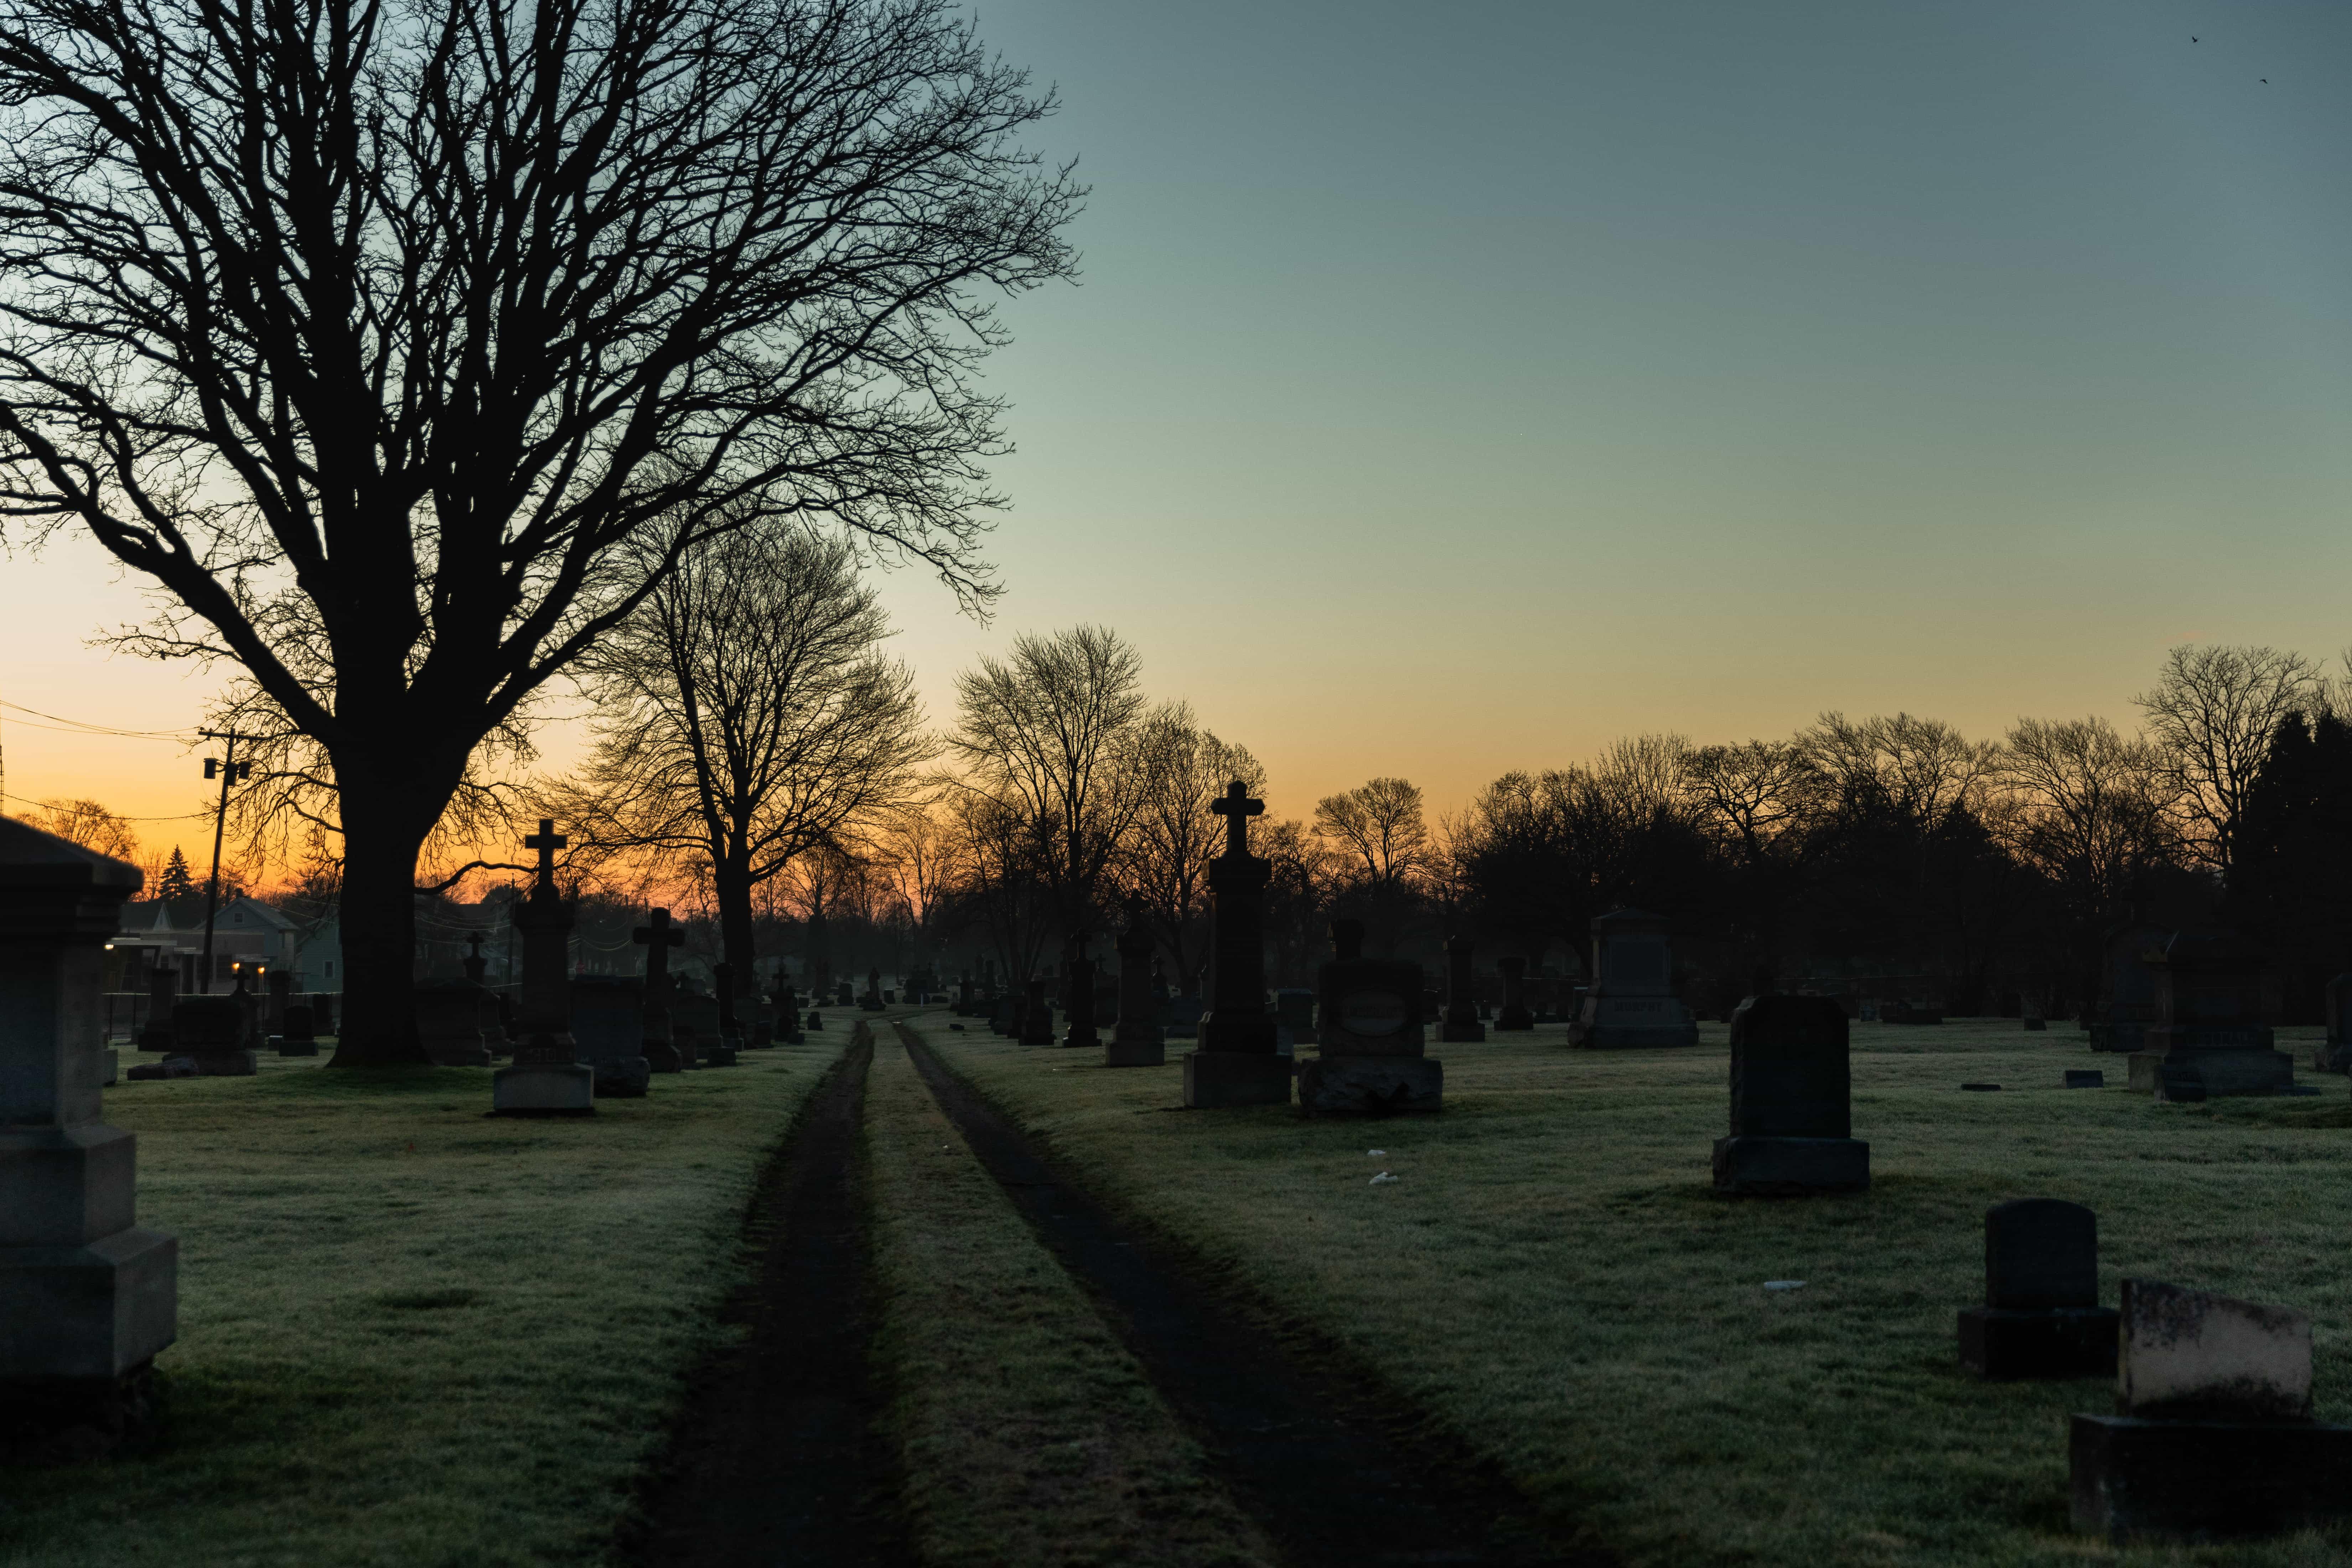 Oakwood Cemetary, in Niagara Falls, NY, as seen at dawn.